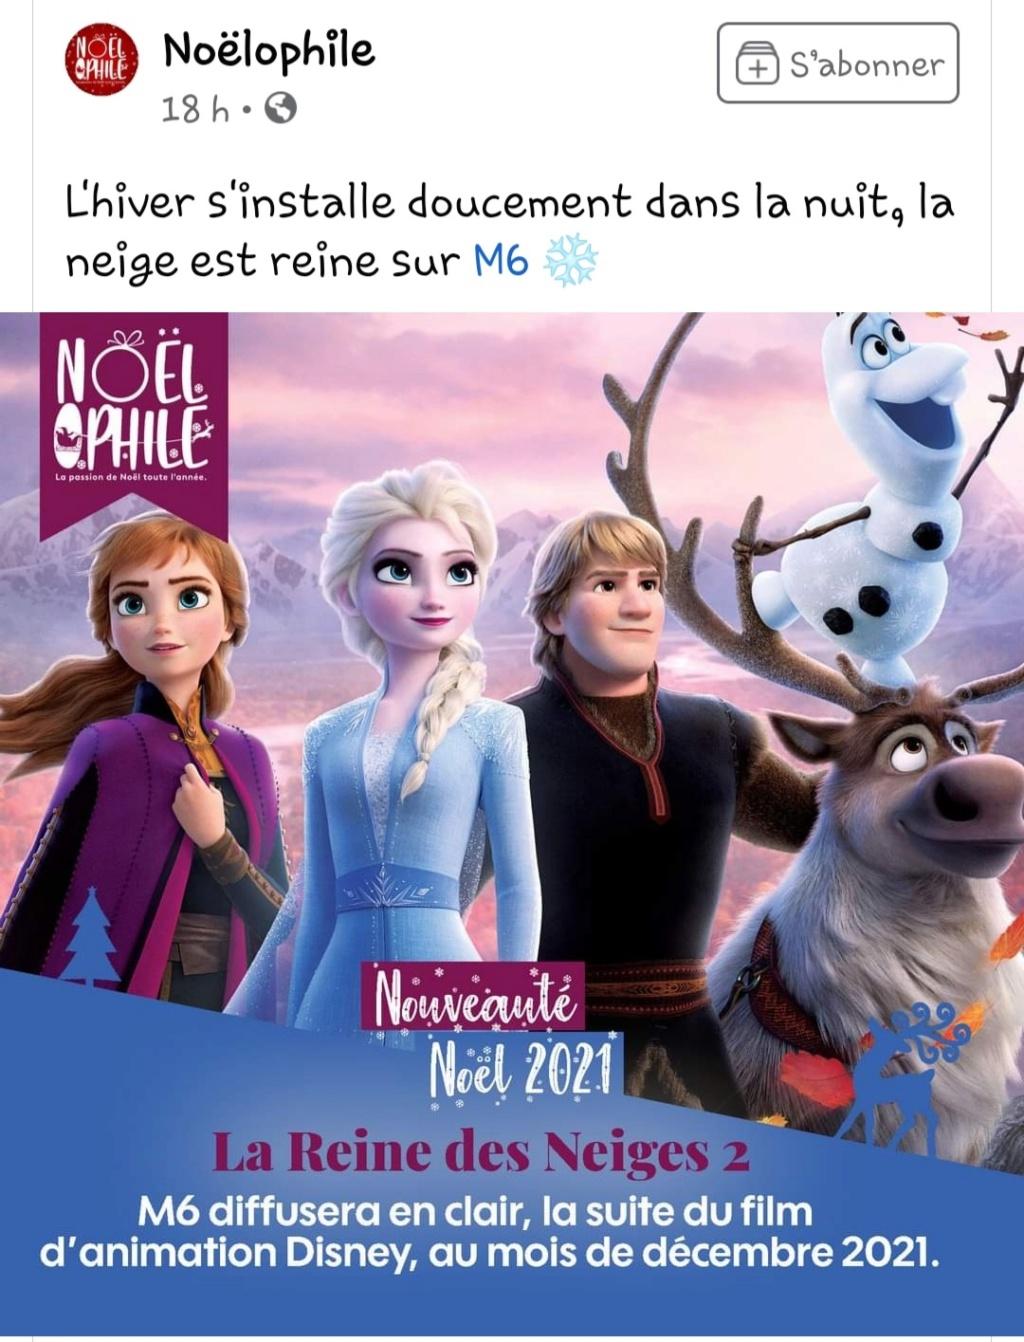 La Reine des Neiges II [Walt Disney - 2019] - Page 31 Screen12